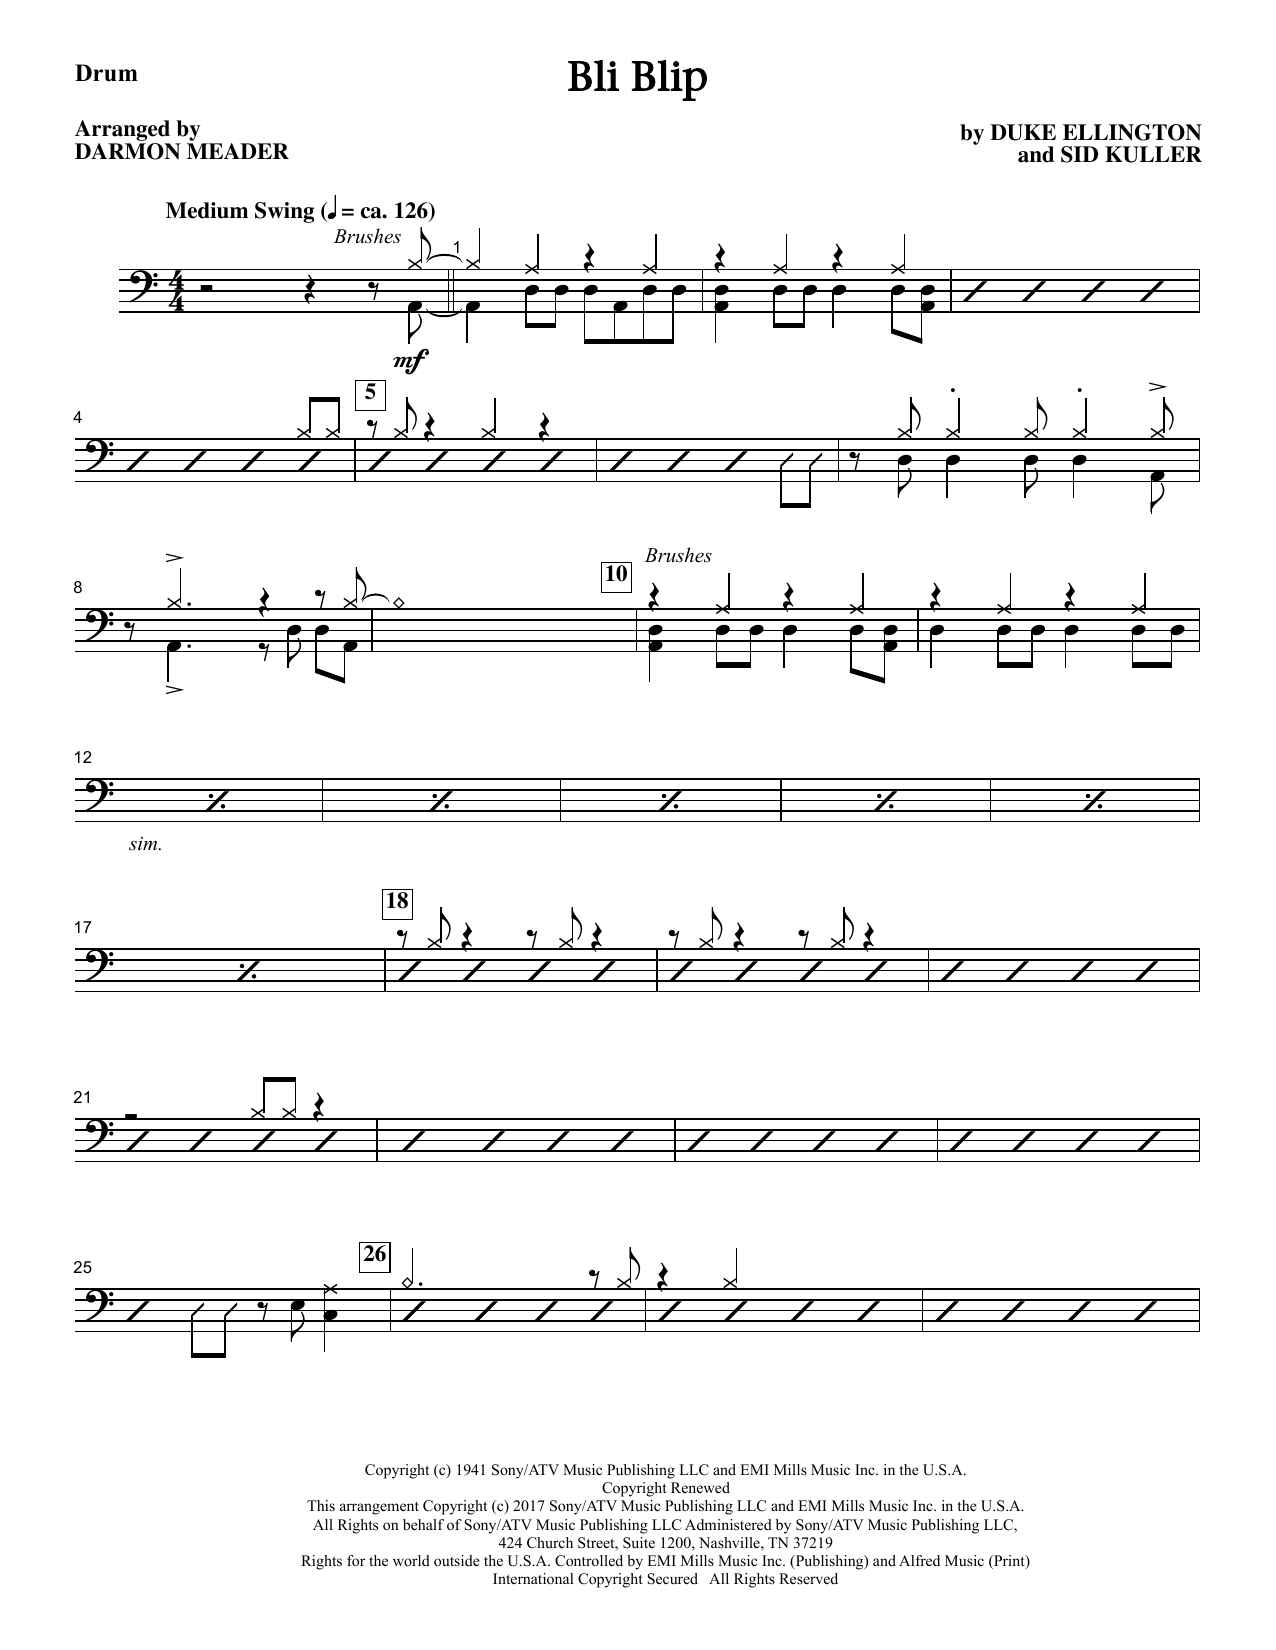 Bli-blip - Drums Sheet Music